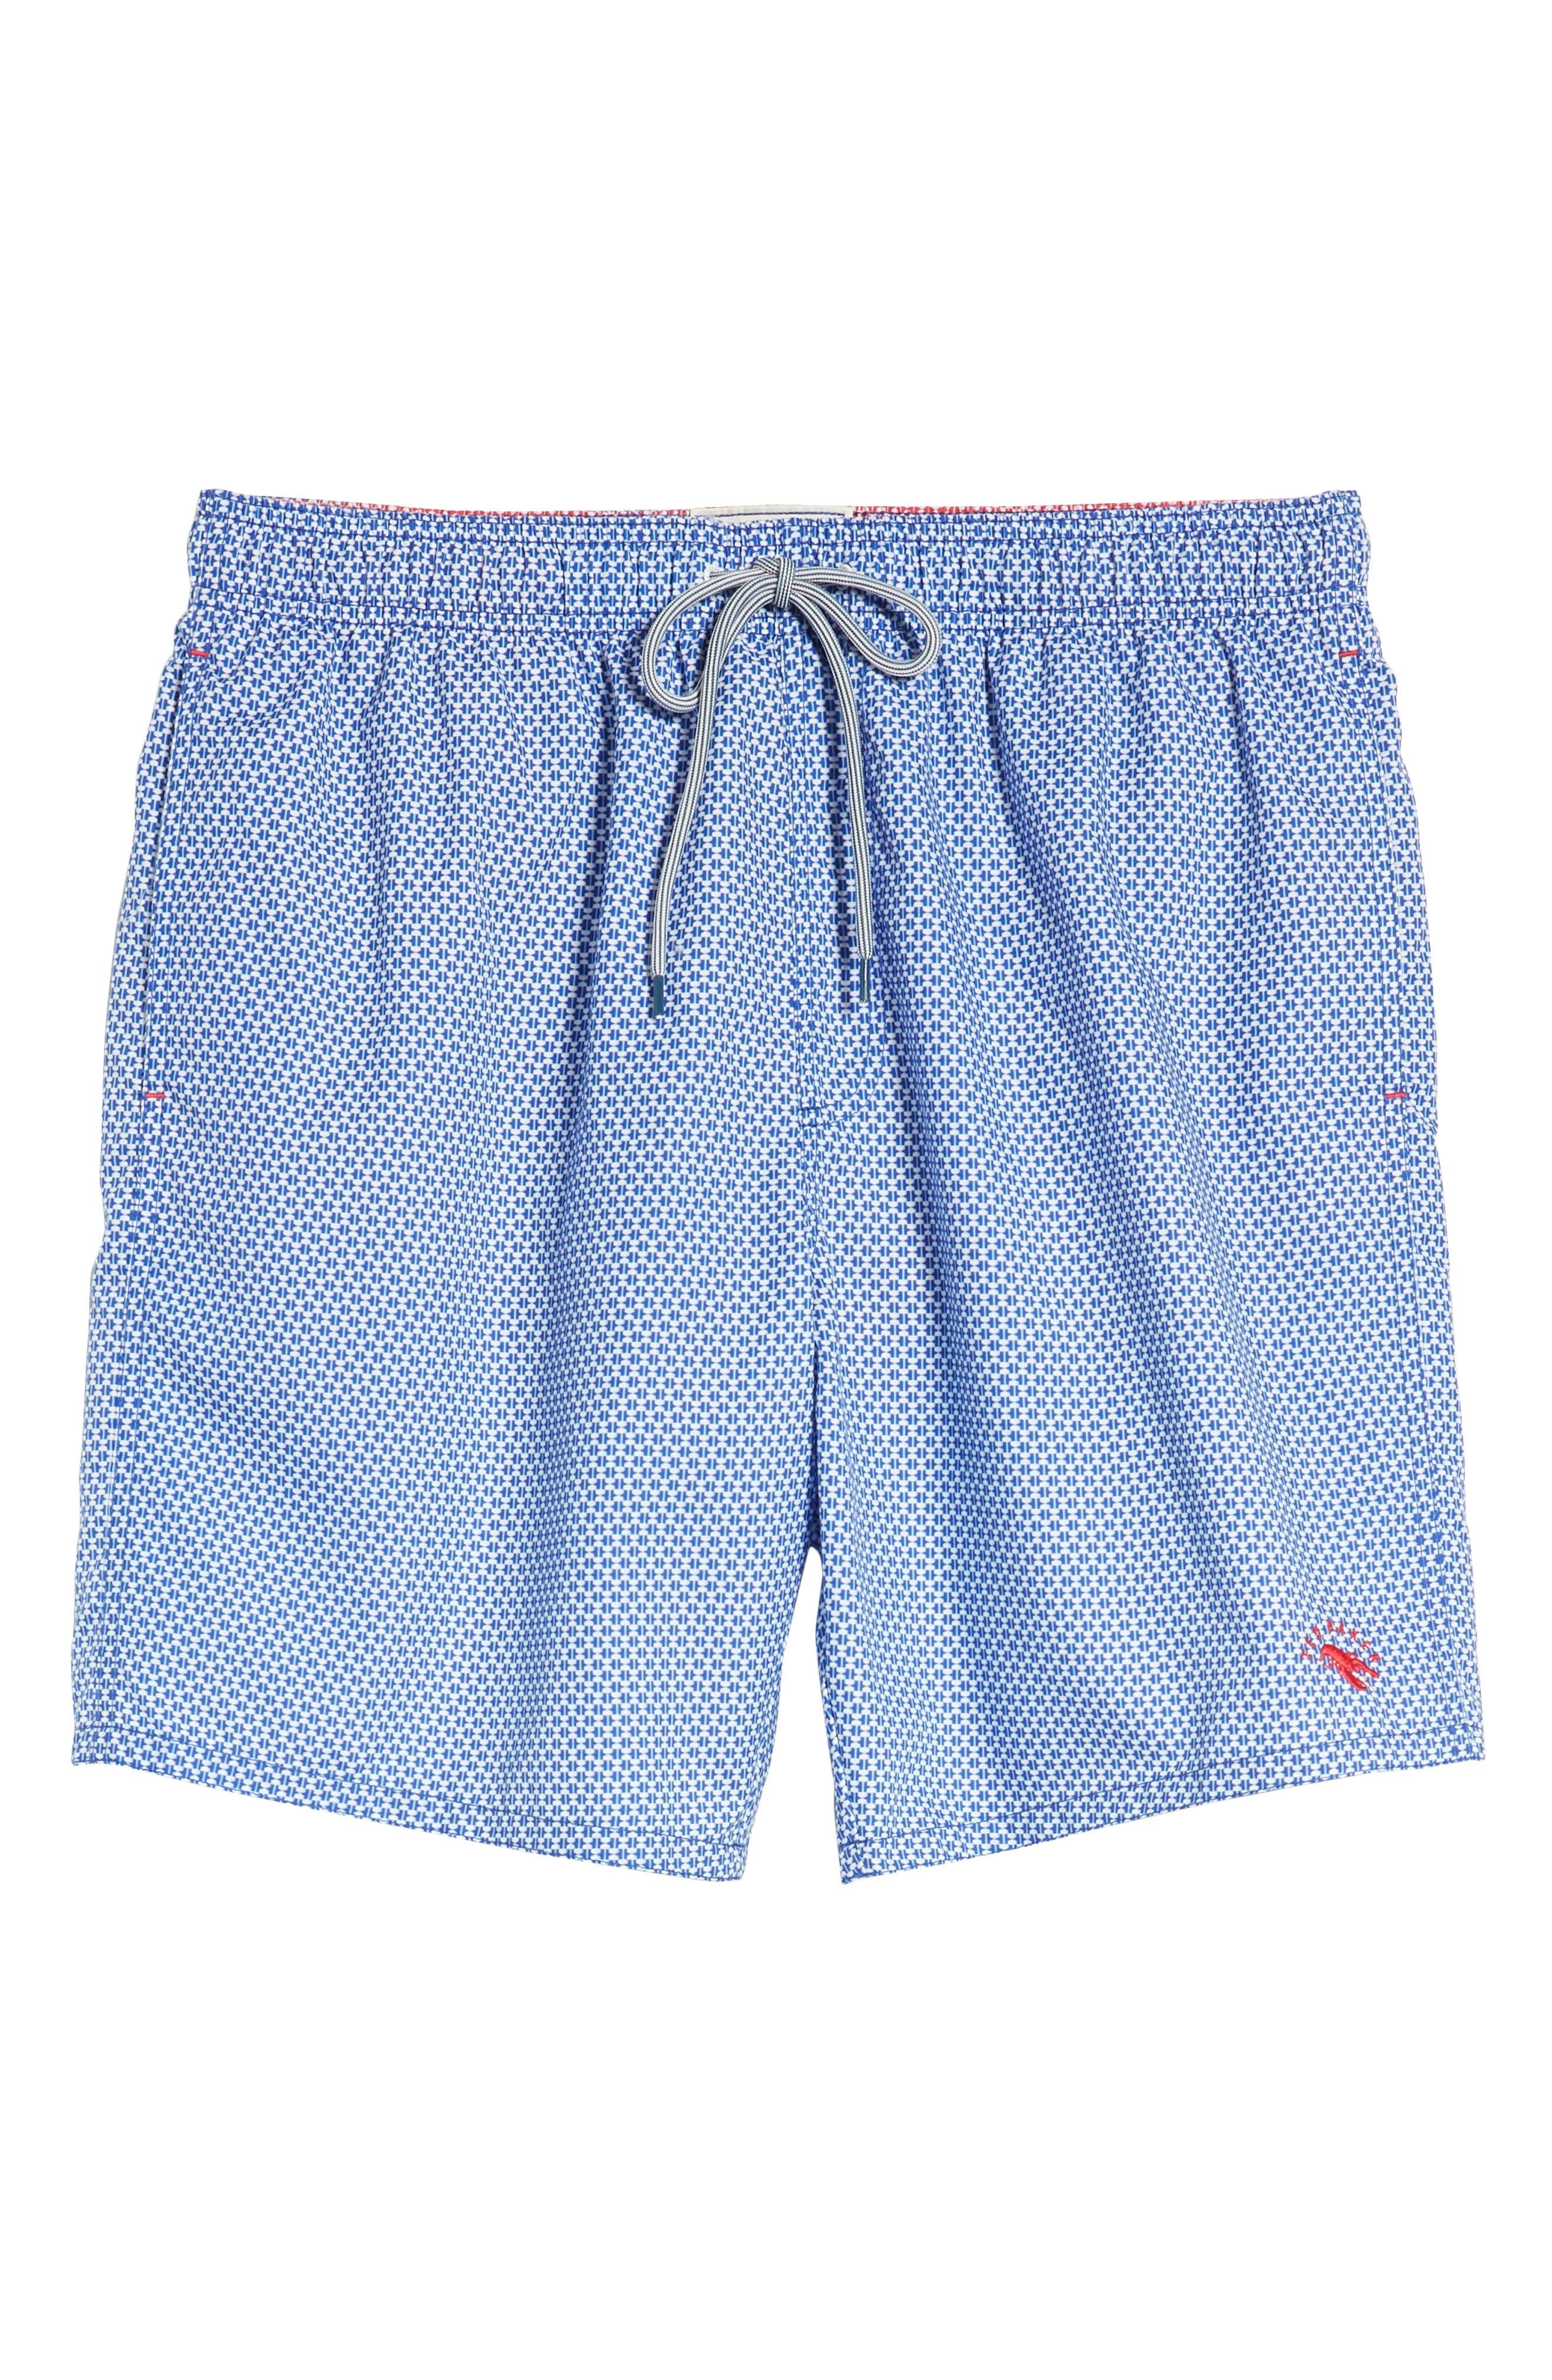 Larkman Geo Print Swim Shorts,                             Alternate thumbnail 6, color,                             Light Blue